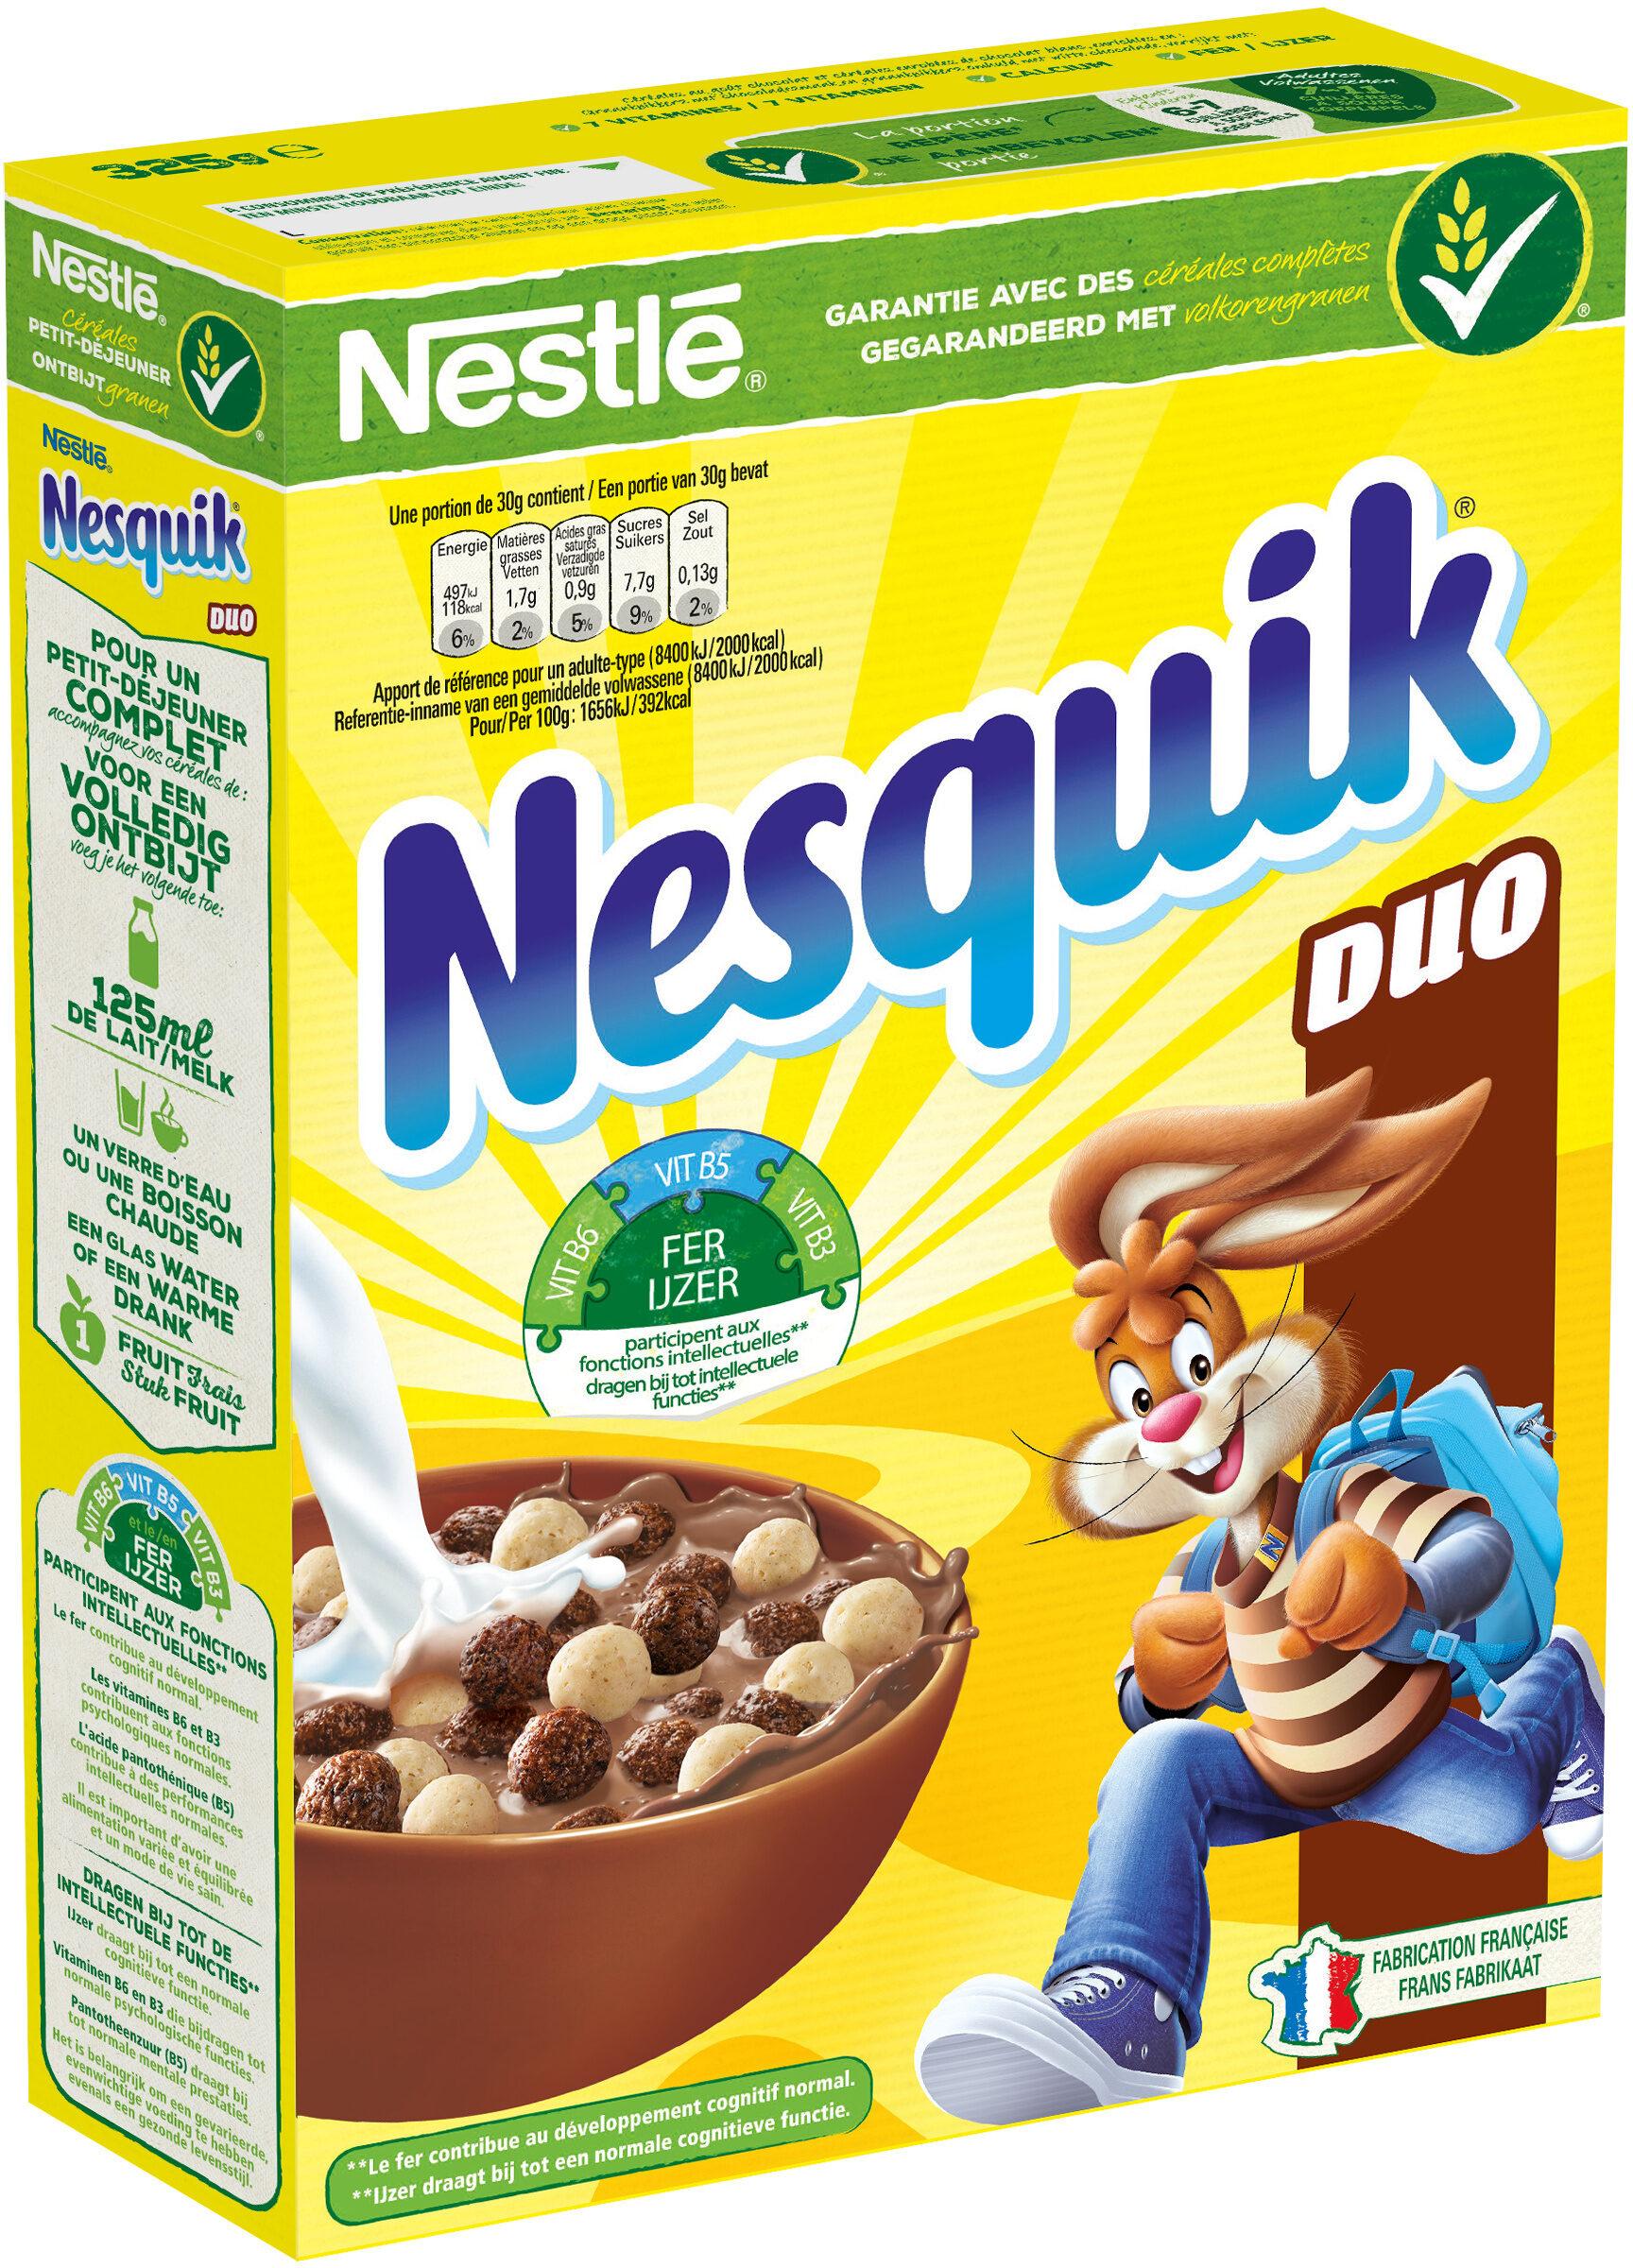 NESTLE NESQUIK Duo Céréales paquet de - Produit - fr